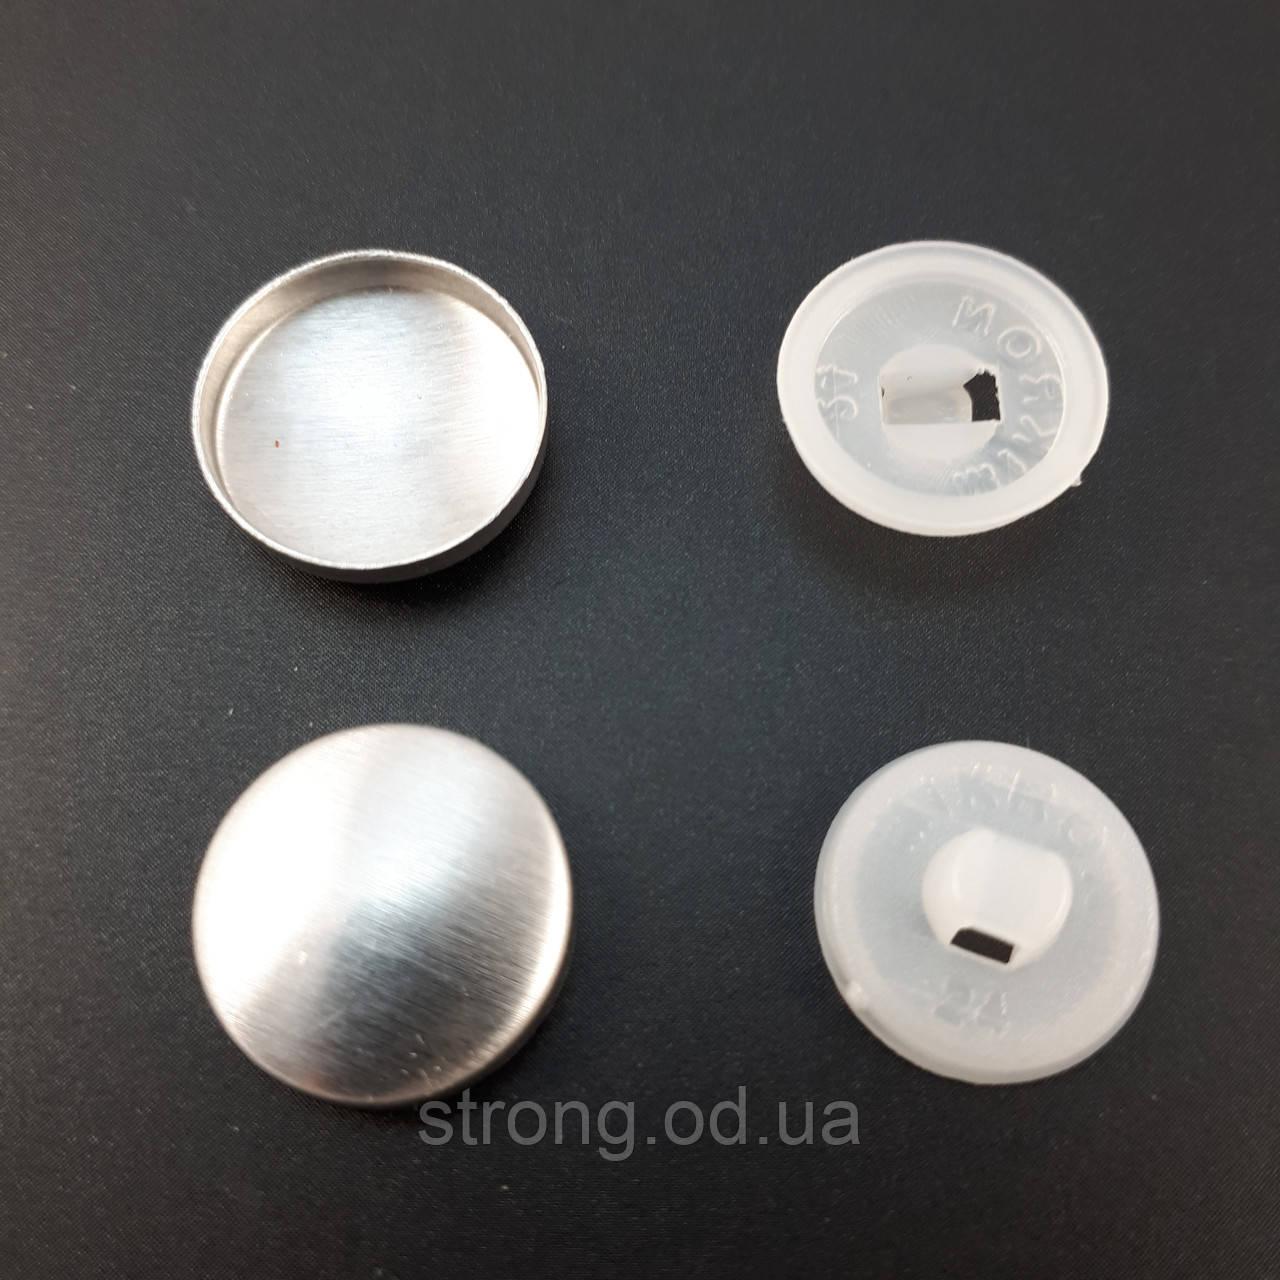 Пуговица под обтяжку на пластиковой ножке №24 - 14,3 мм белая